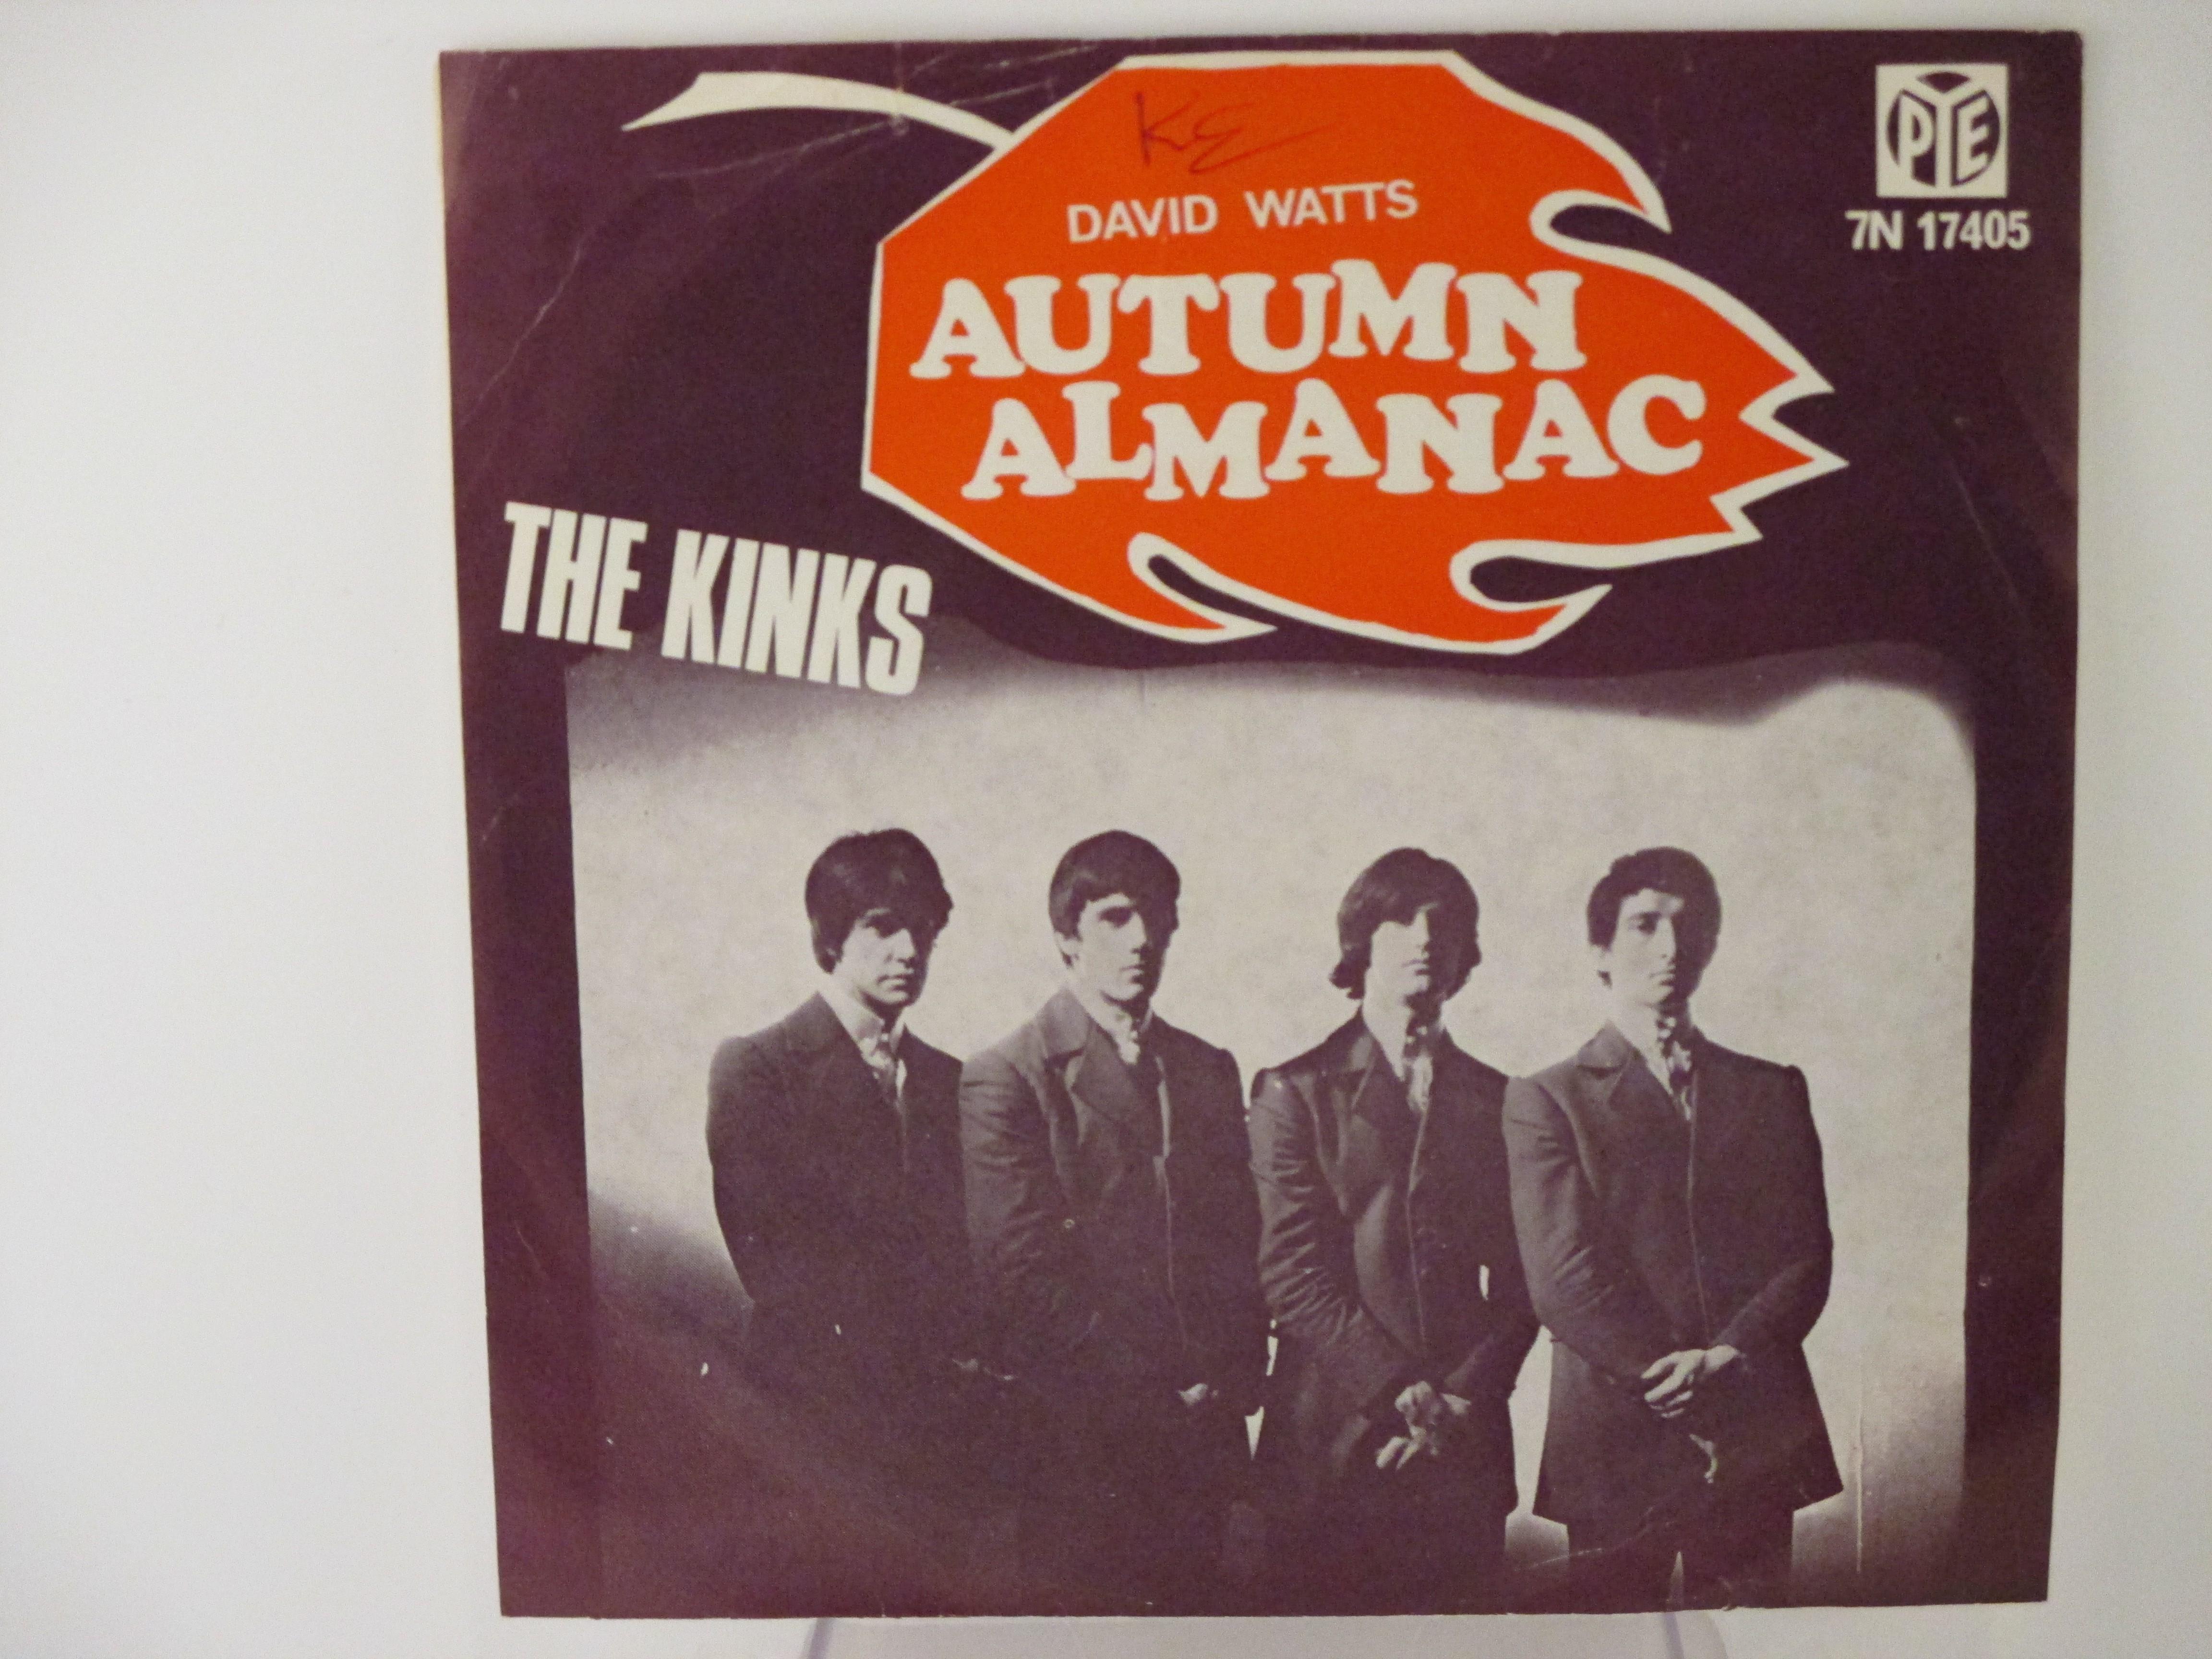 KINKS : Autumn almanac / David Watts